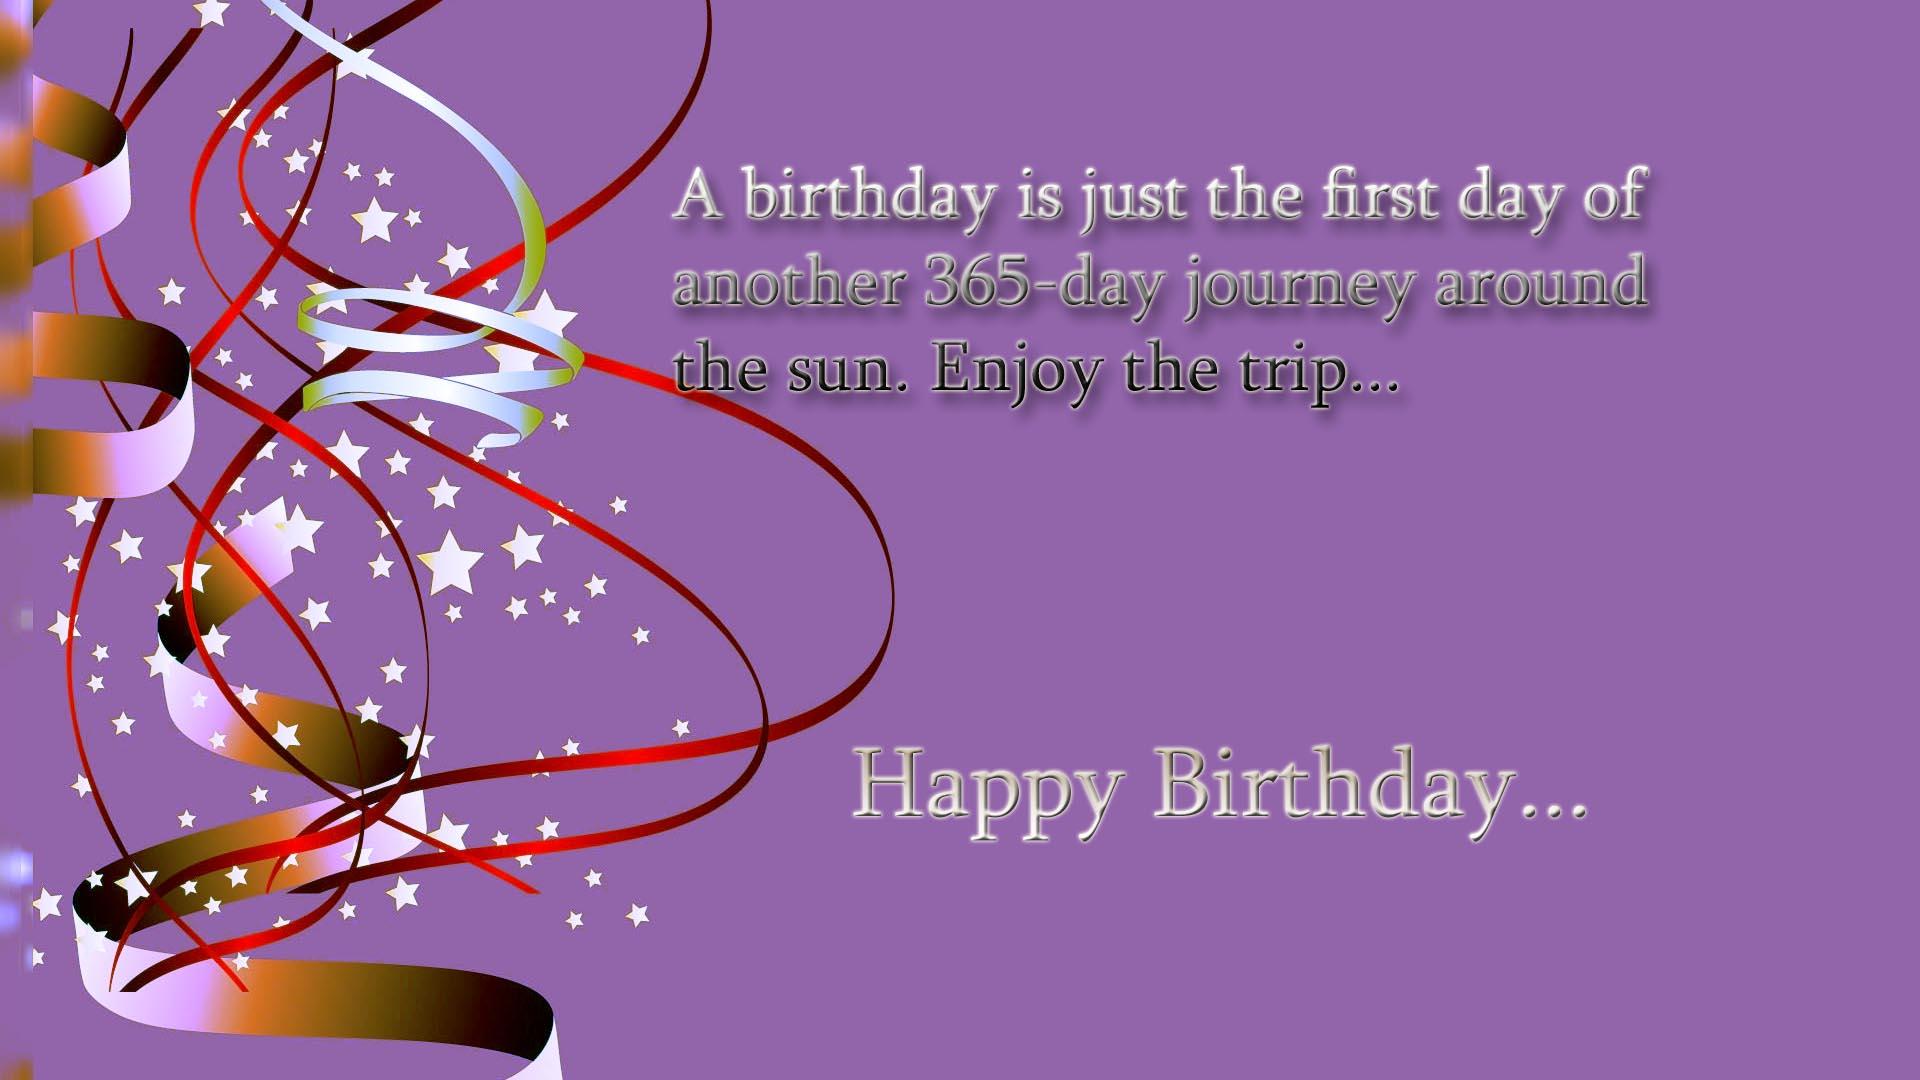 Happy birthday quotes on photo 1920x1080